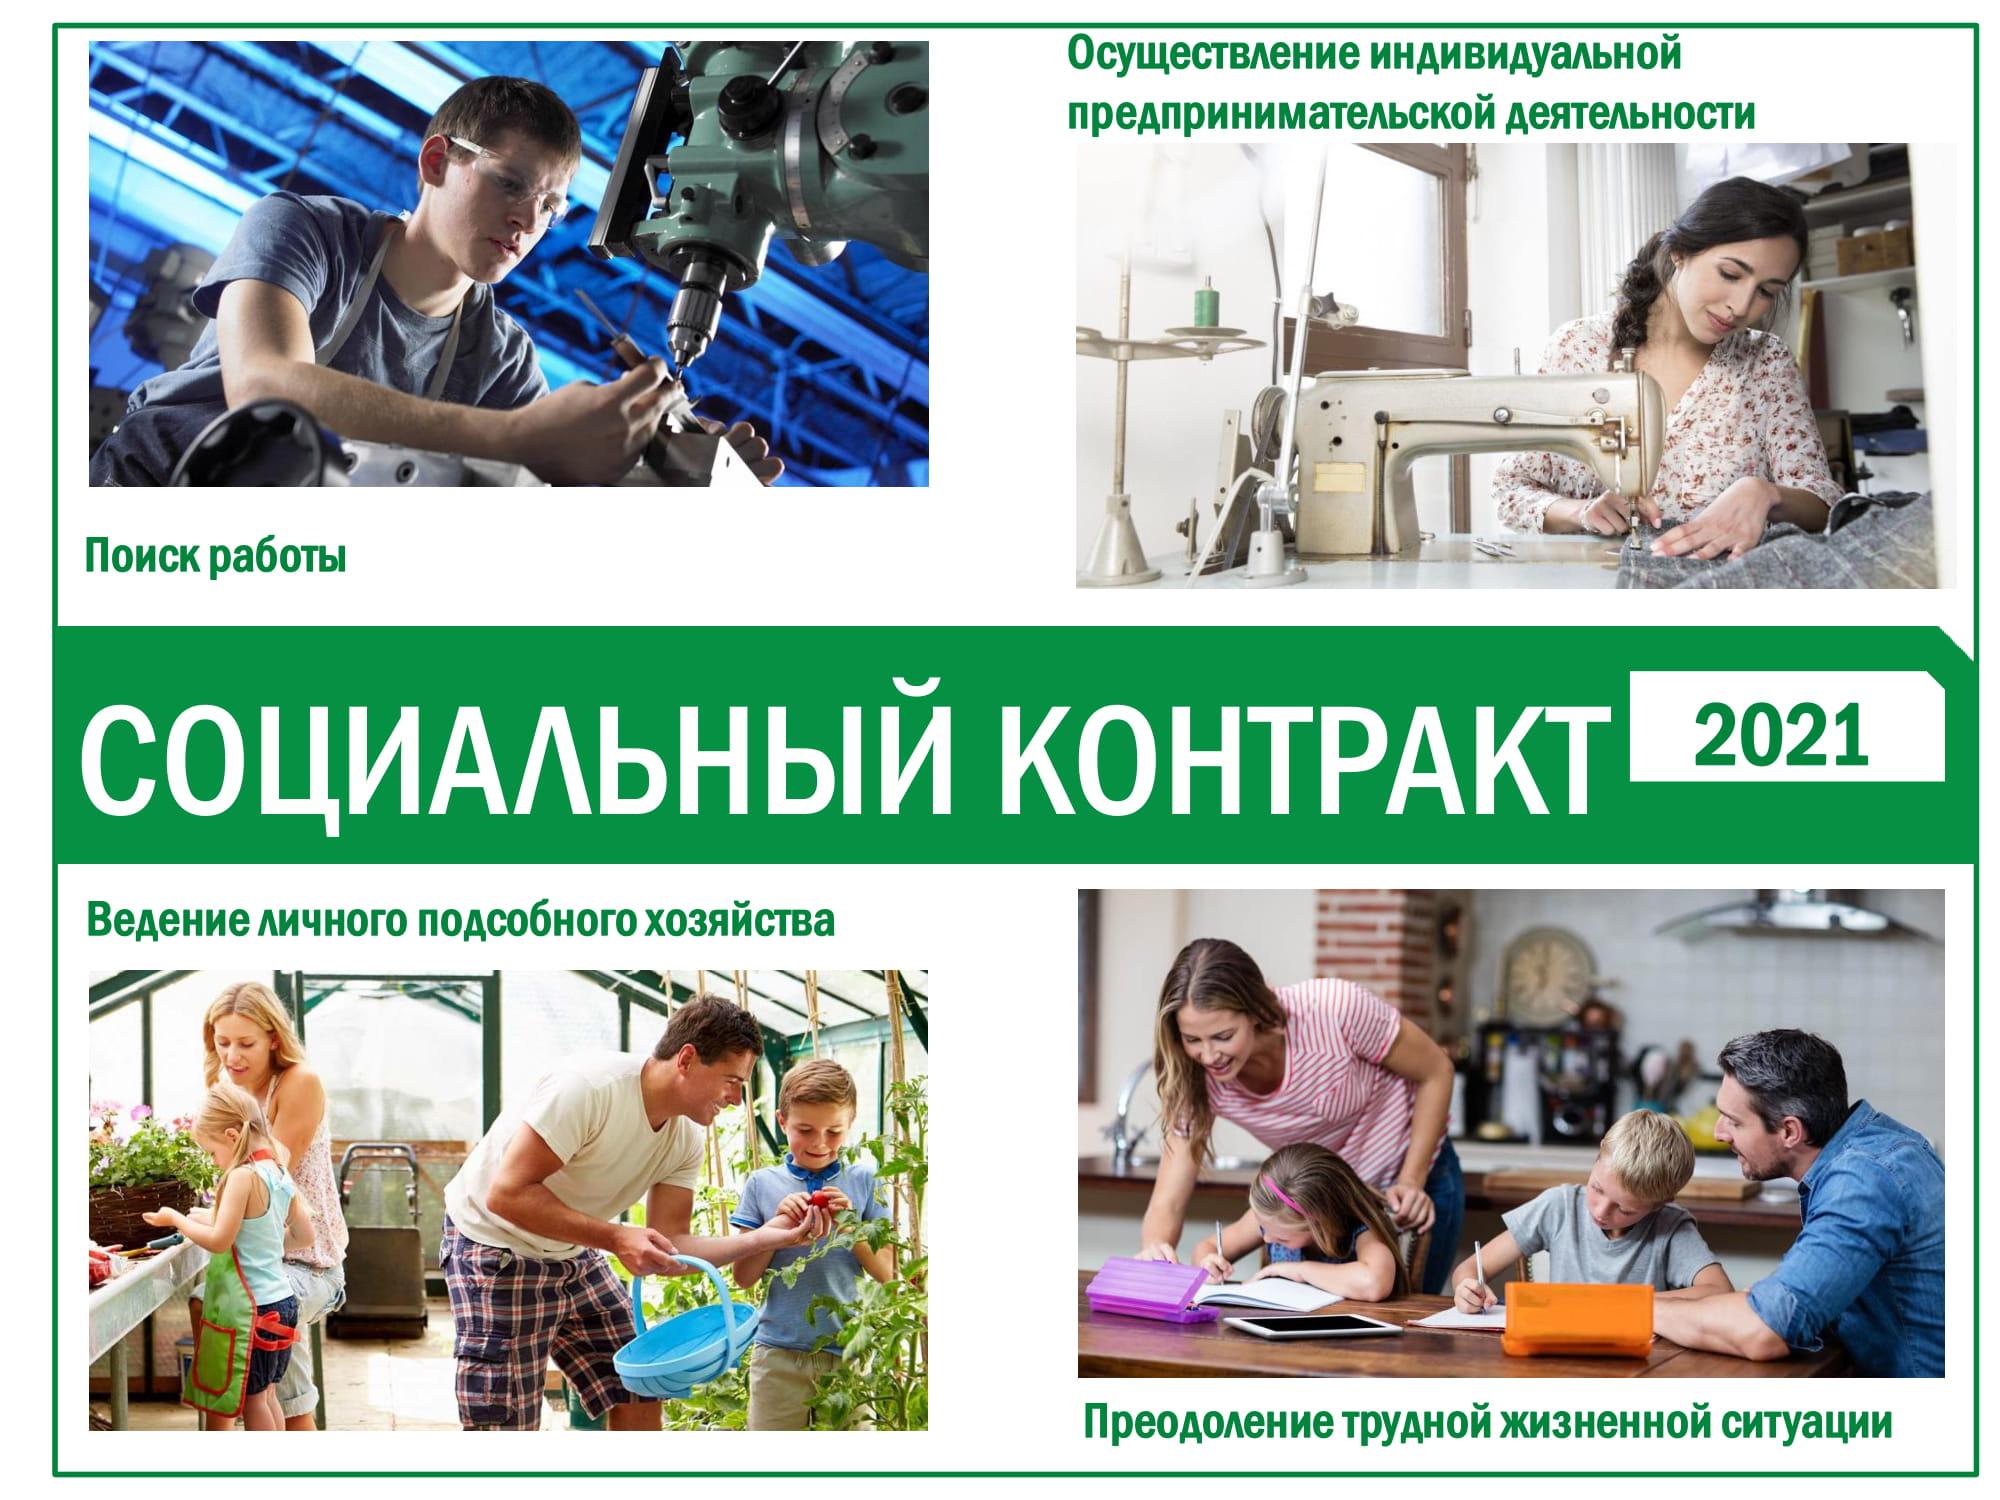 socialnyy_kontrakt_2021_dlya_publikacii-1